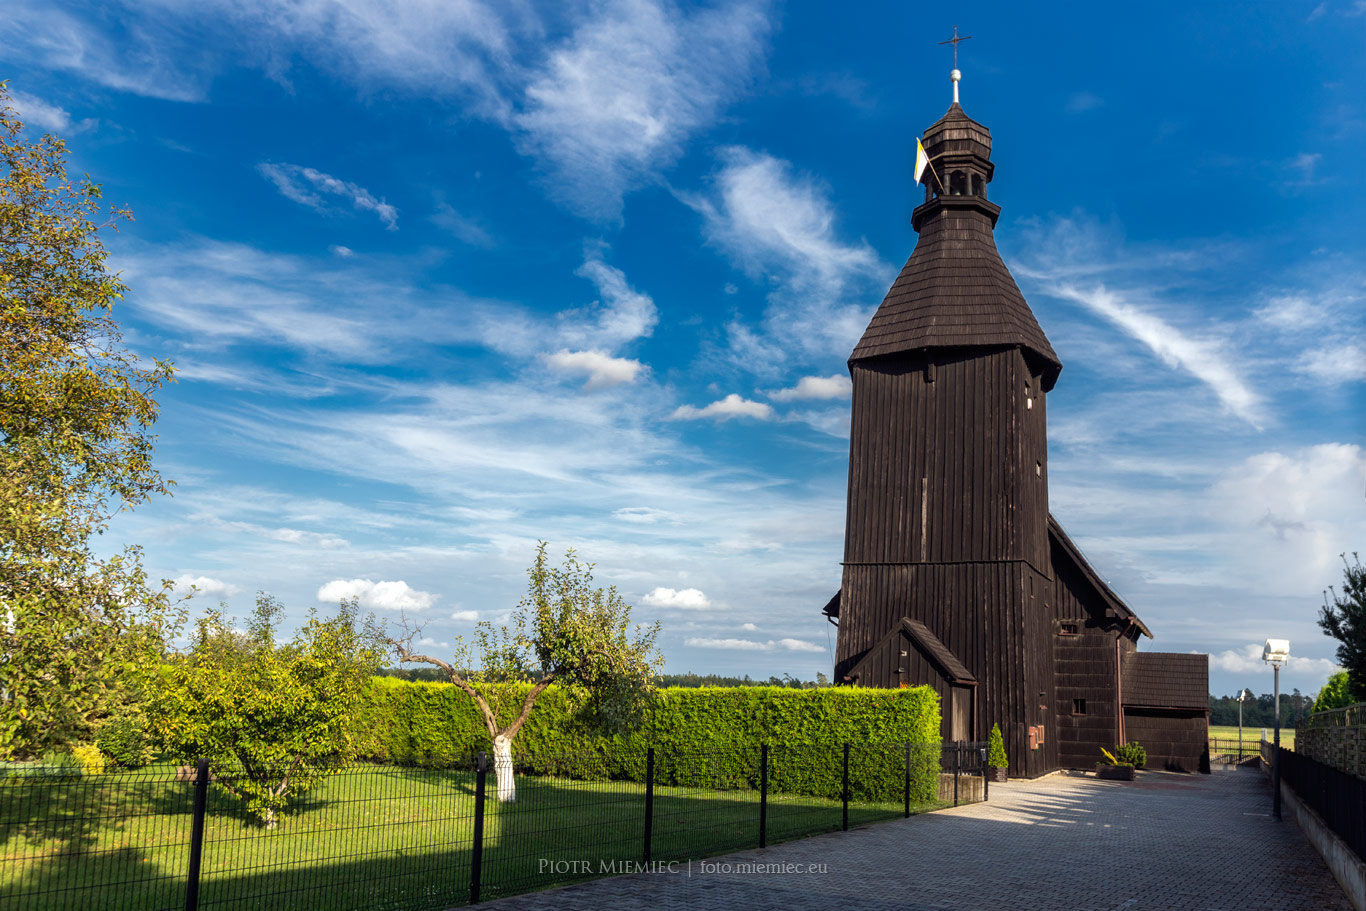 Drewniany kościół w Szczepanku